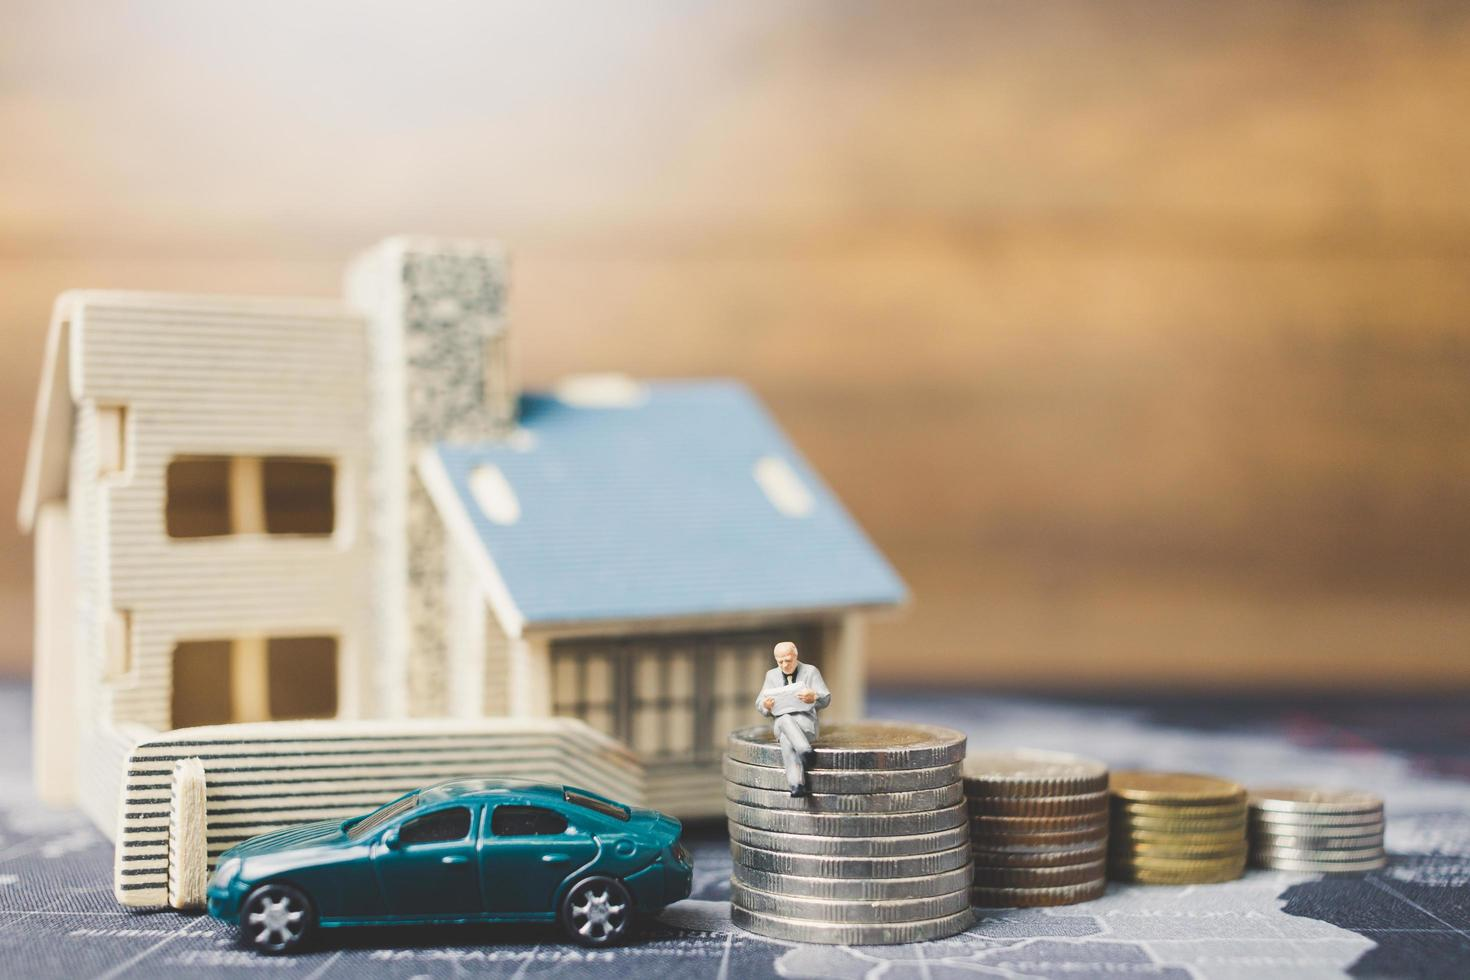 Gente en miniatura sentada en casa con monedas, inversión y crecimiento en el concepto empresarial foto